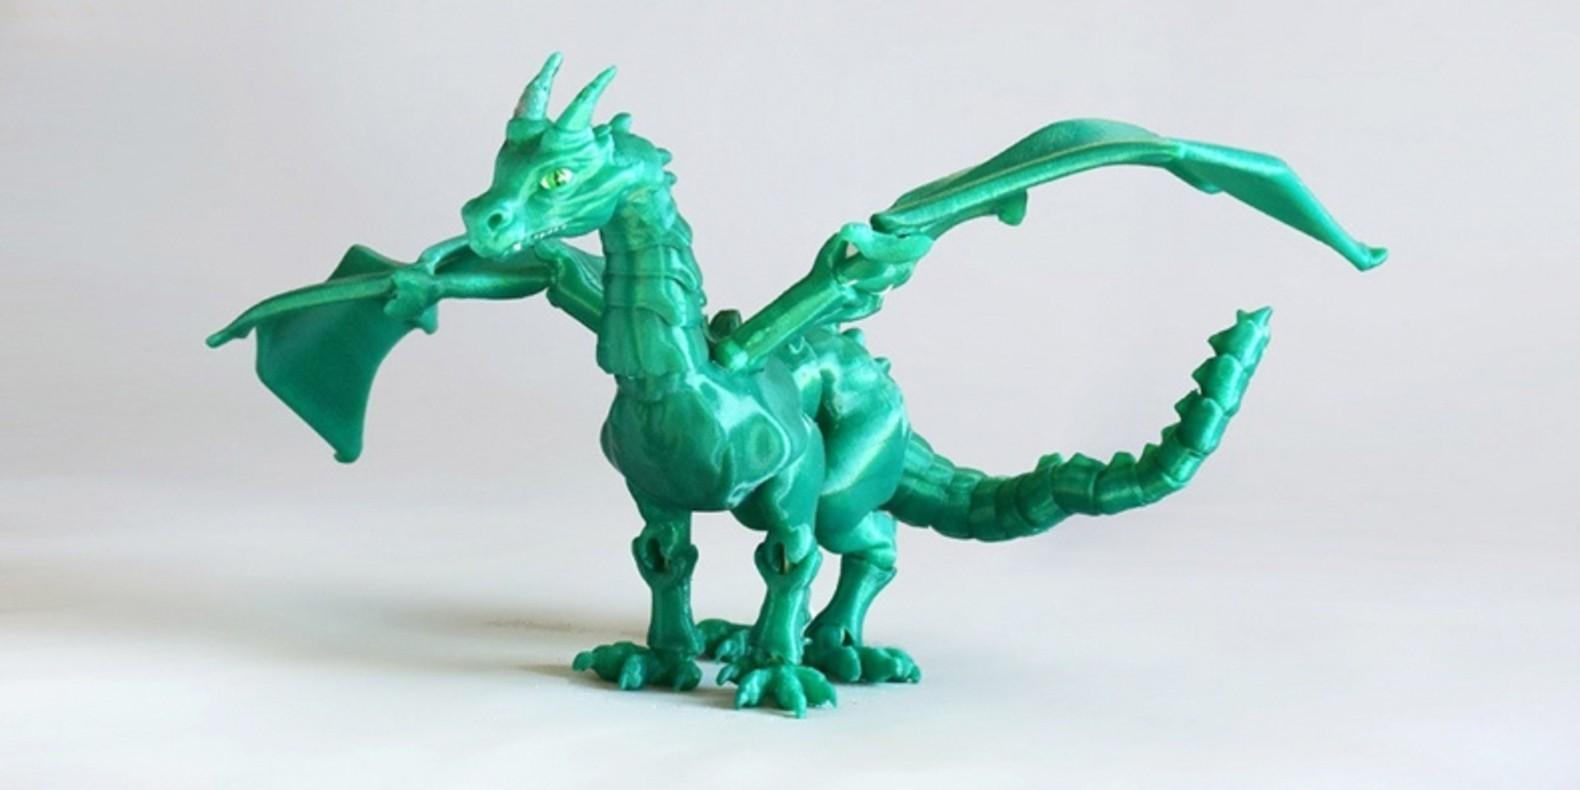 Encuentra aquí una selección de los mejores modelos 3D de dragones imprimibles 3D